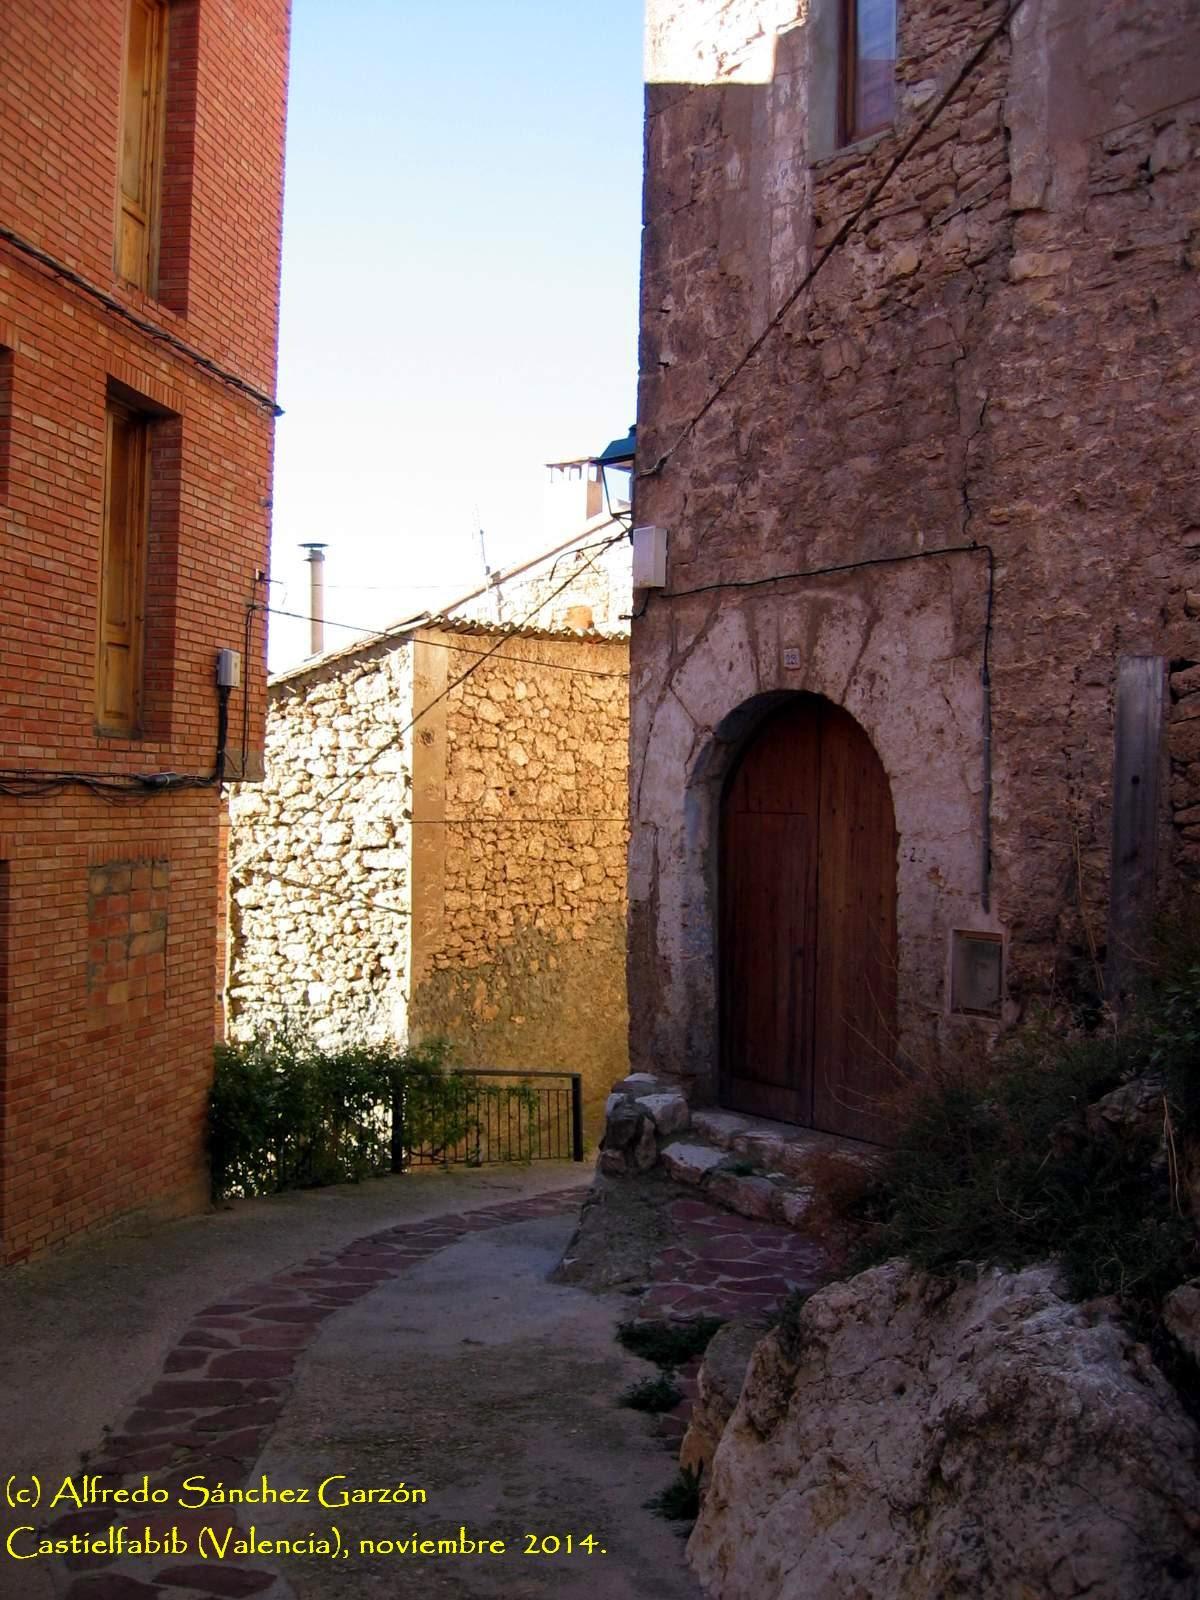 castielfabib-casa-arco-medieval